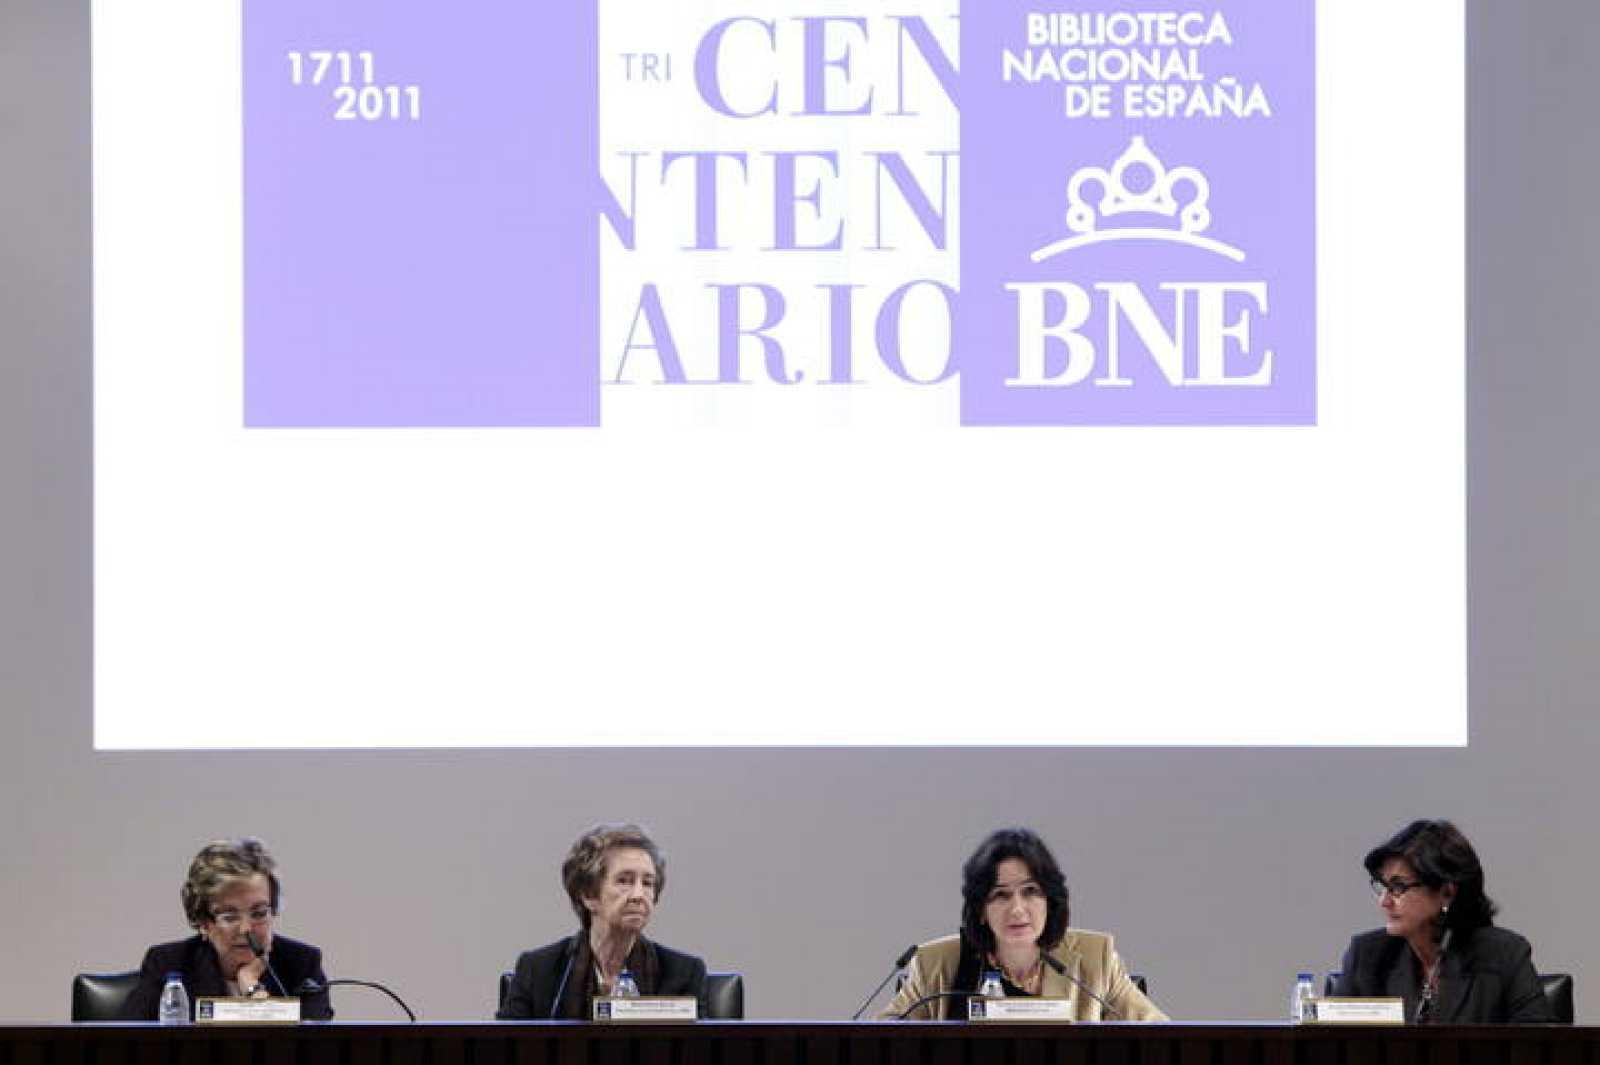 La presidenta de Acción Cultural Española, Charo Otegui; la presidenta del patronato de la Biblioteca Nacional de España, Margarita Salas; la ministra de Cultura, Ángeles González-Sinde; y la directora de la BNE, Glòria Pérez Salmerón, durante durant